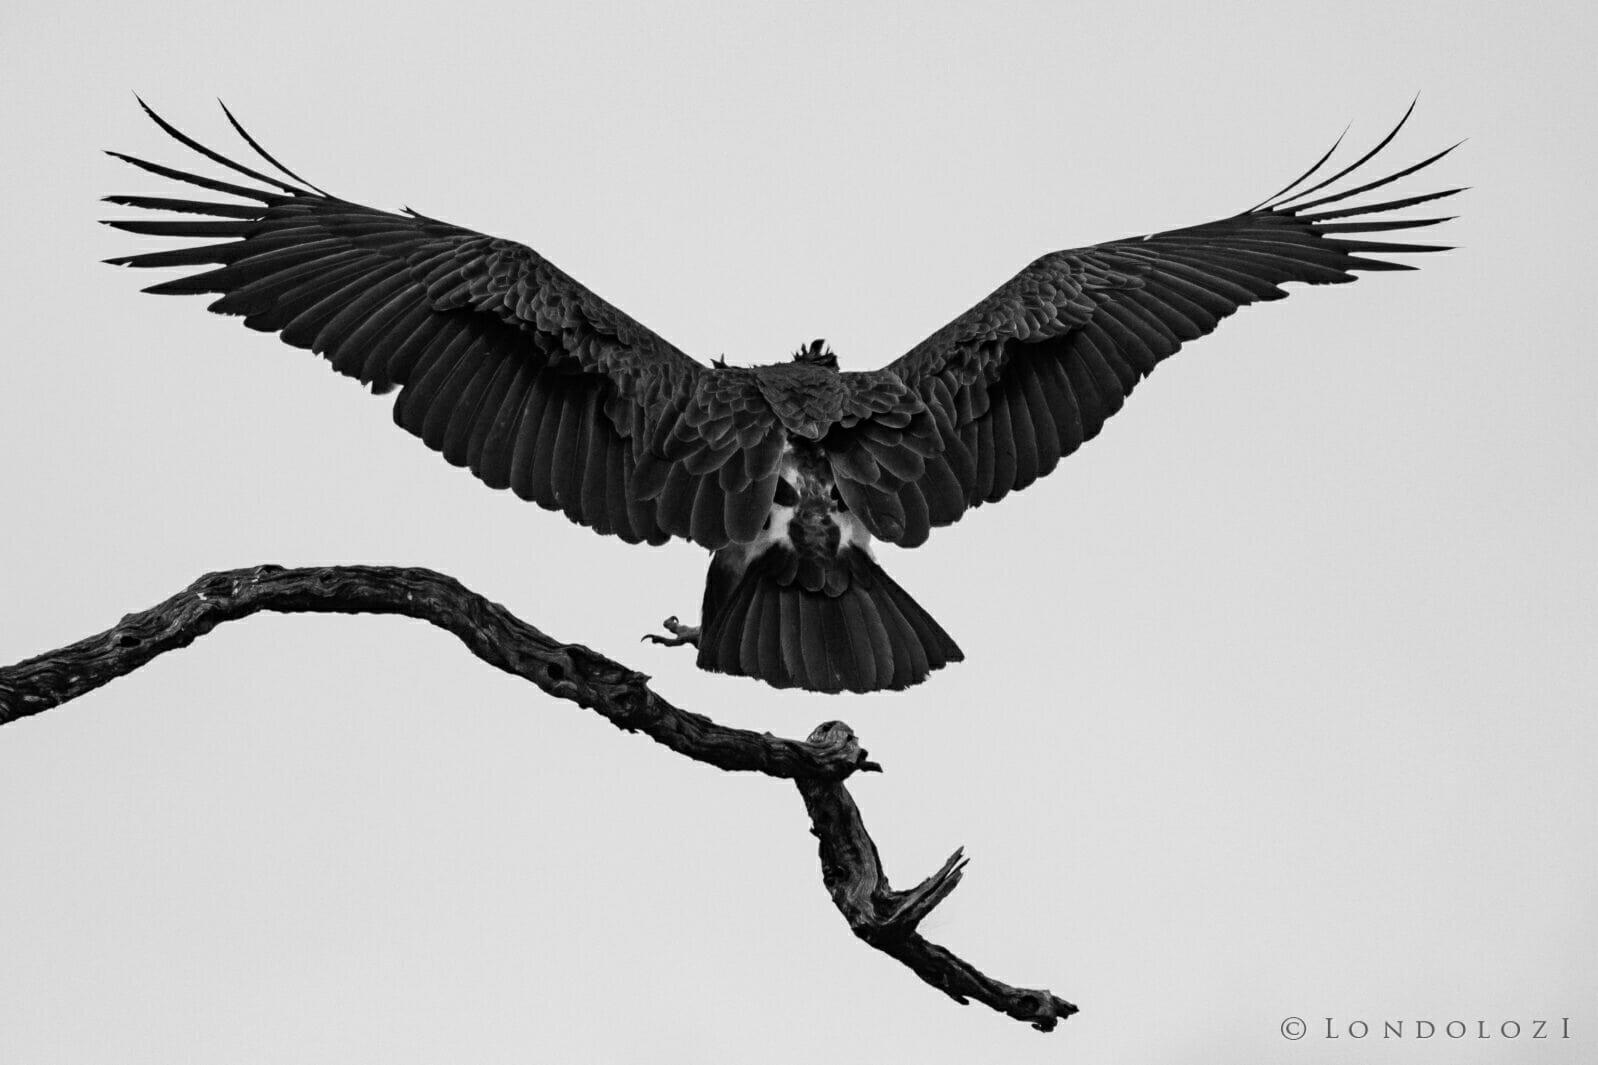 Dlr Dean De La Rey 06 21 Vulture Black And White High Key